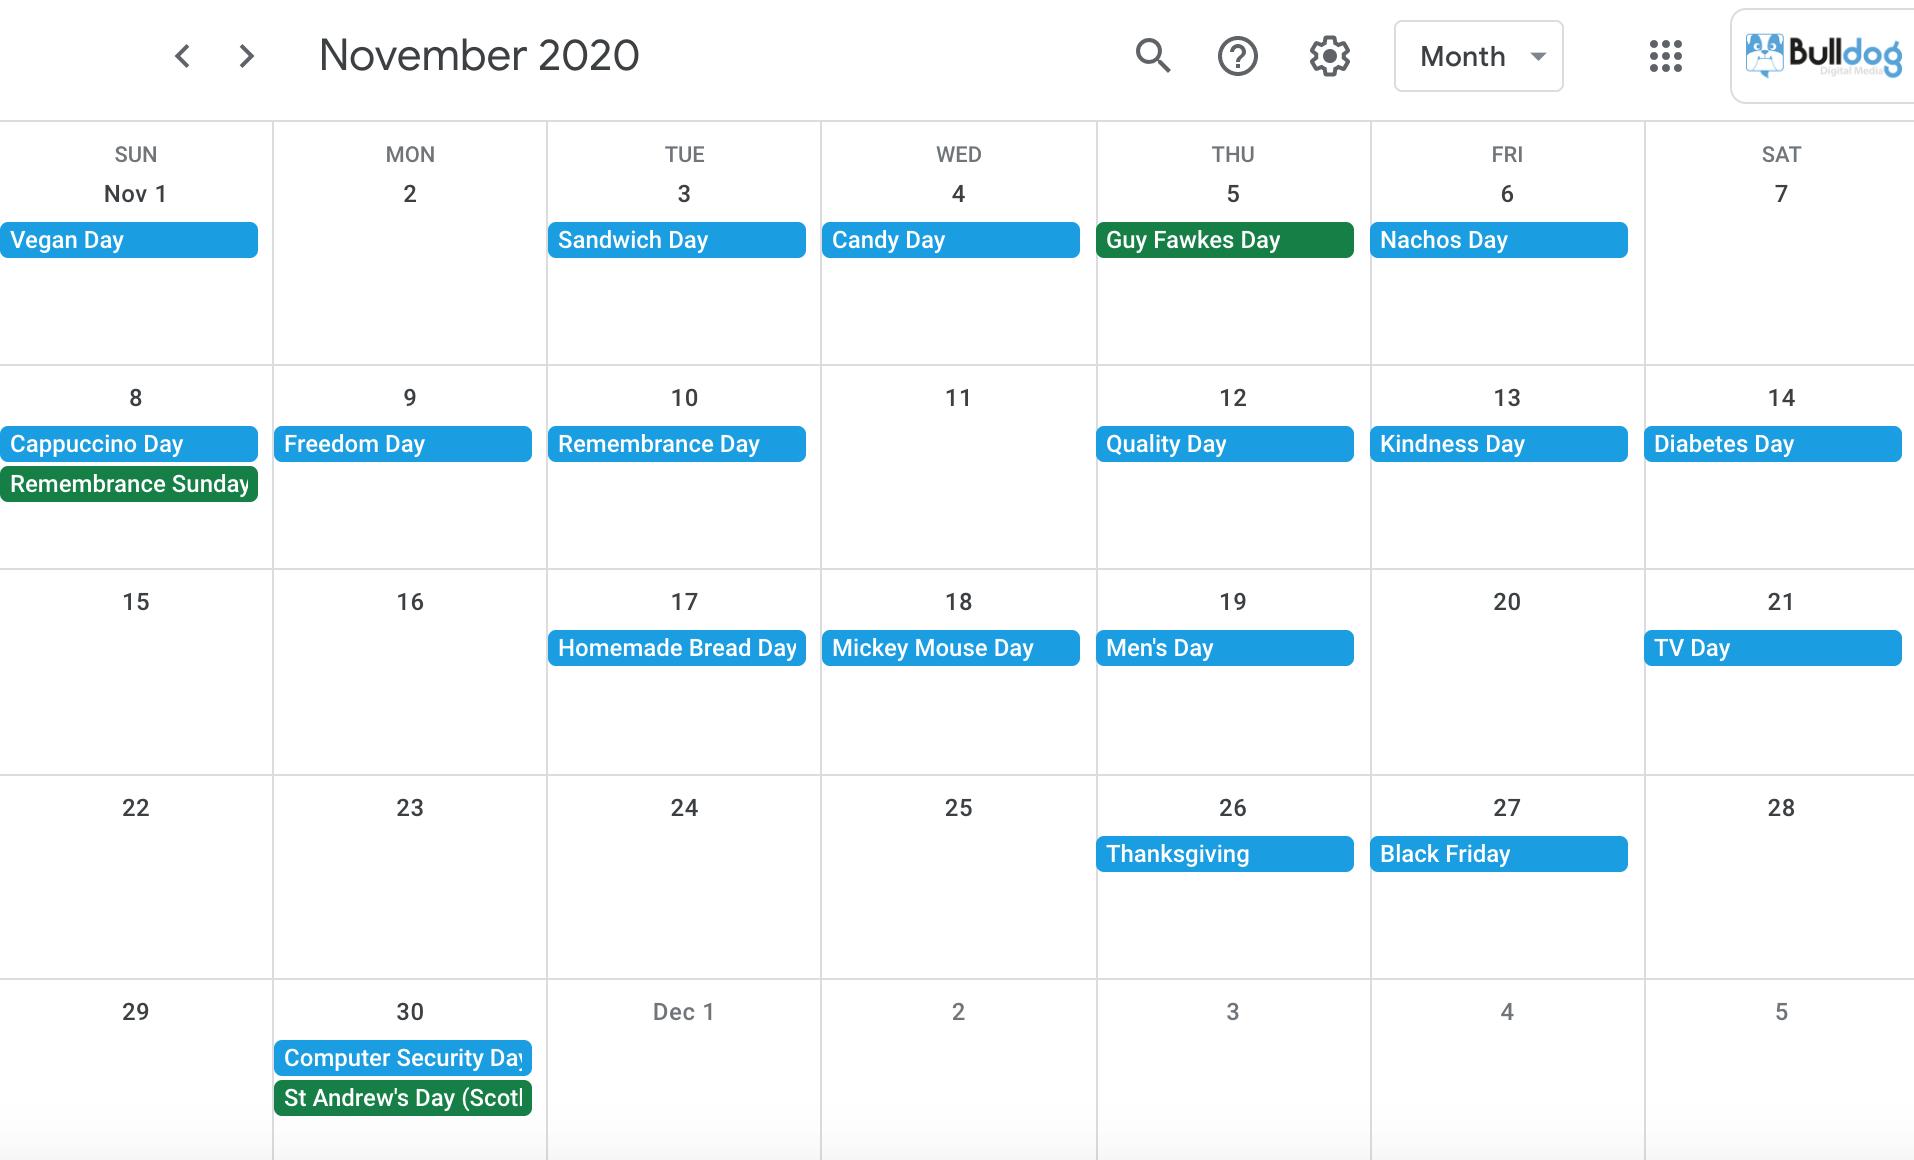 November 2020 social media holidays